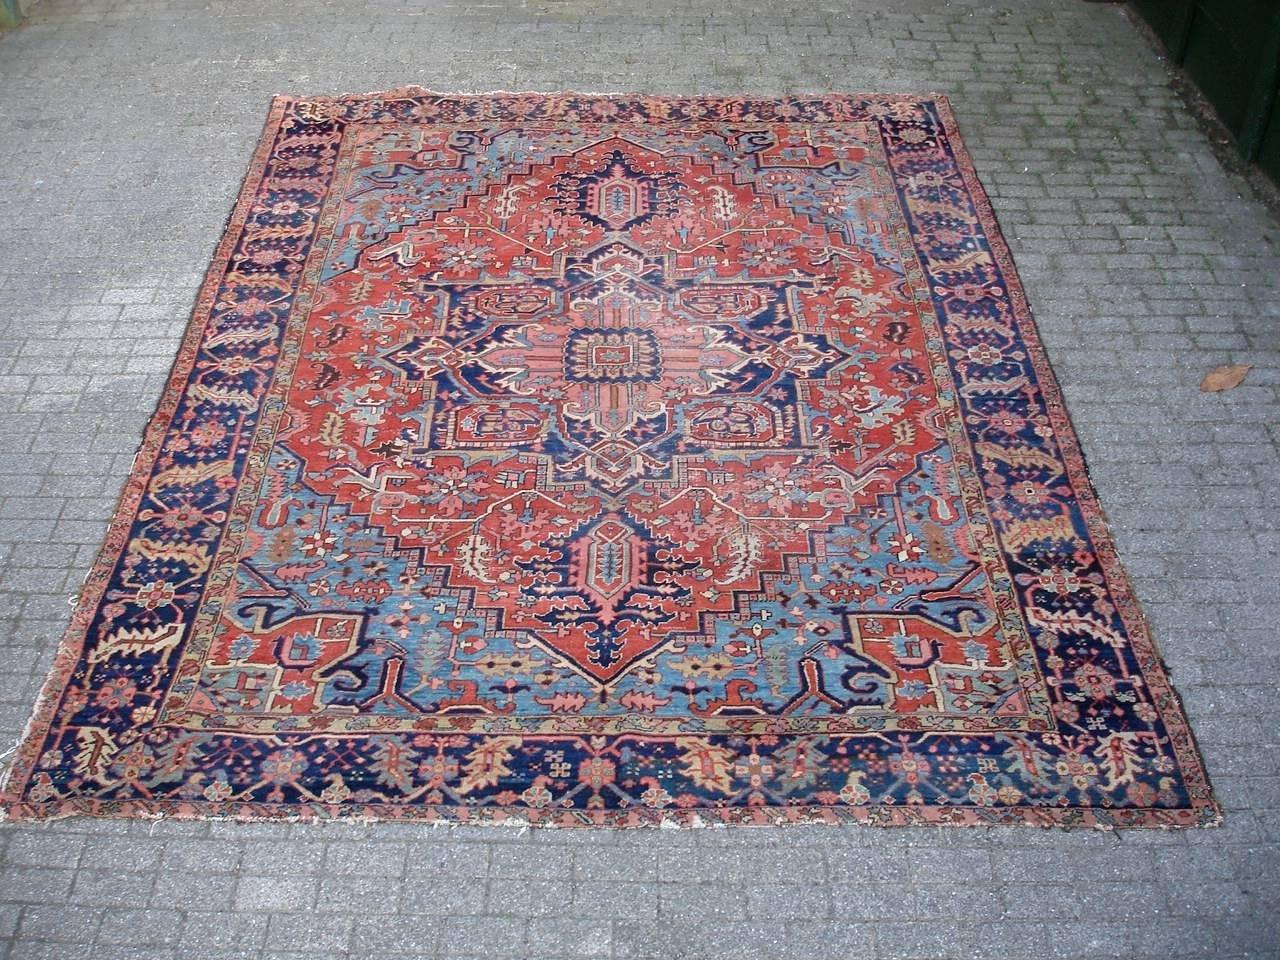 gro er antiker orientalischer teppich bei pamono kaufen. Black Bedroom Furniture Sets. Home Design Ideas